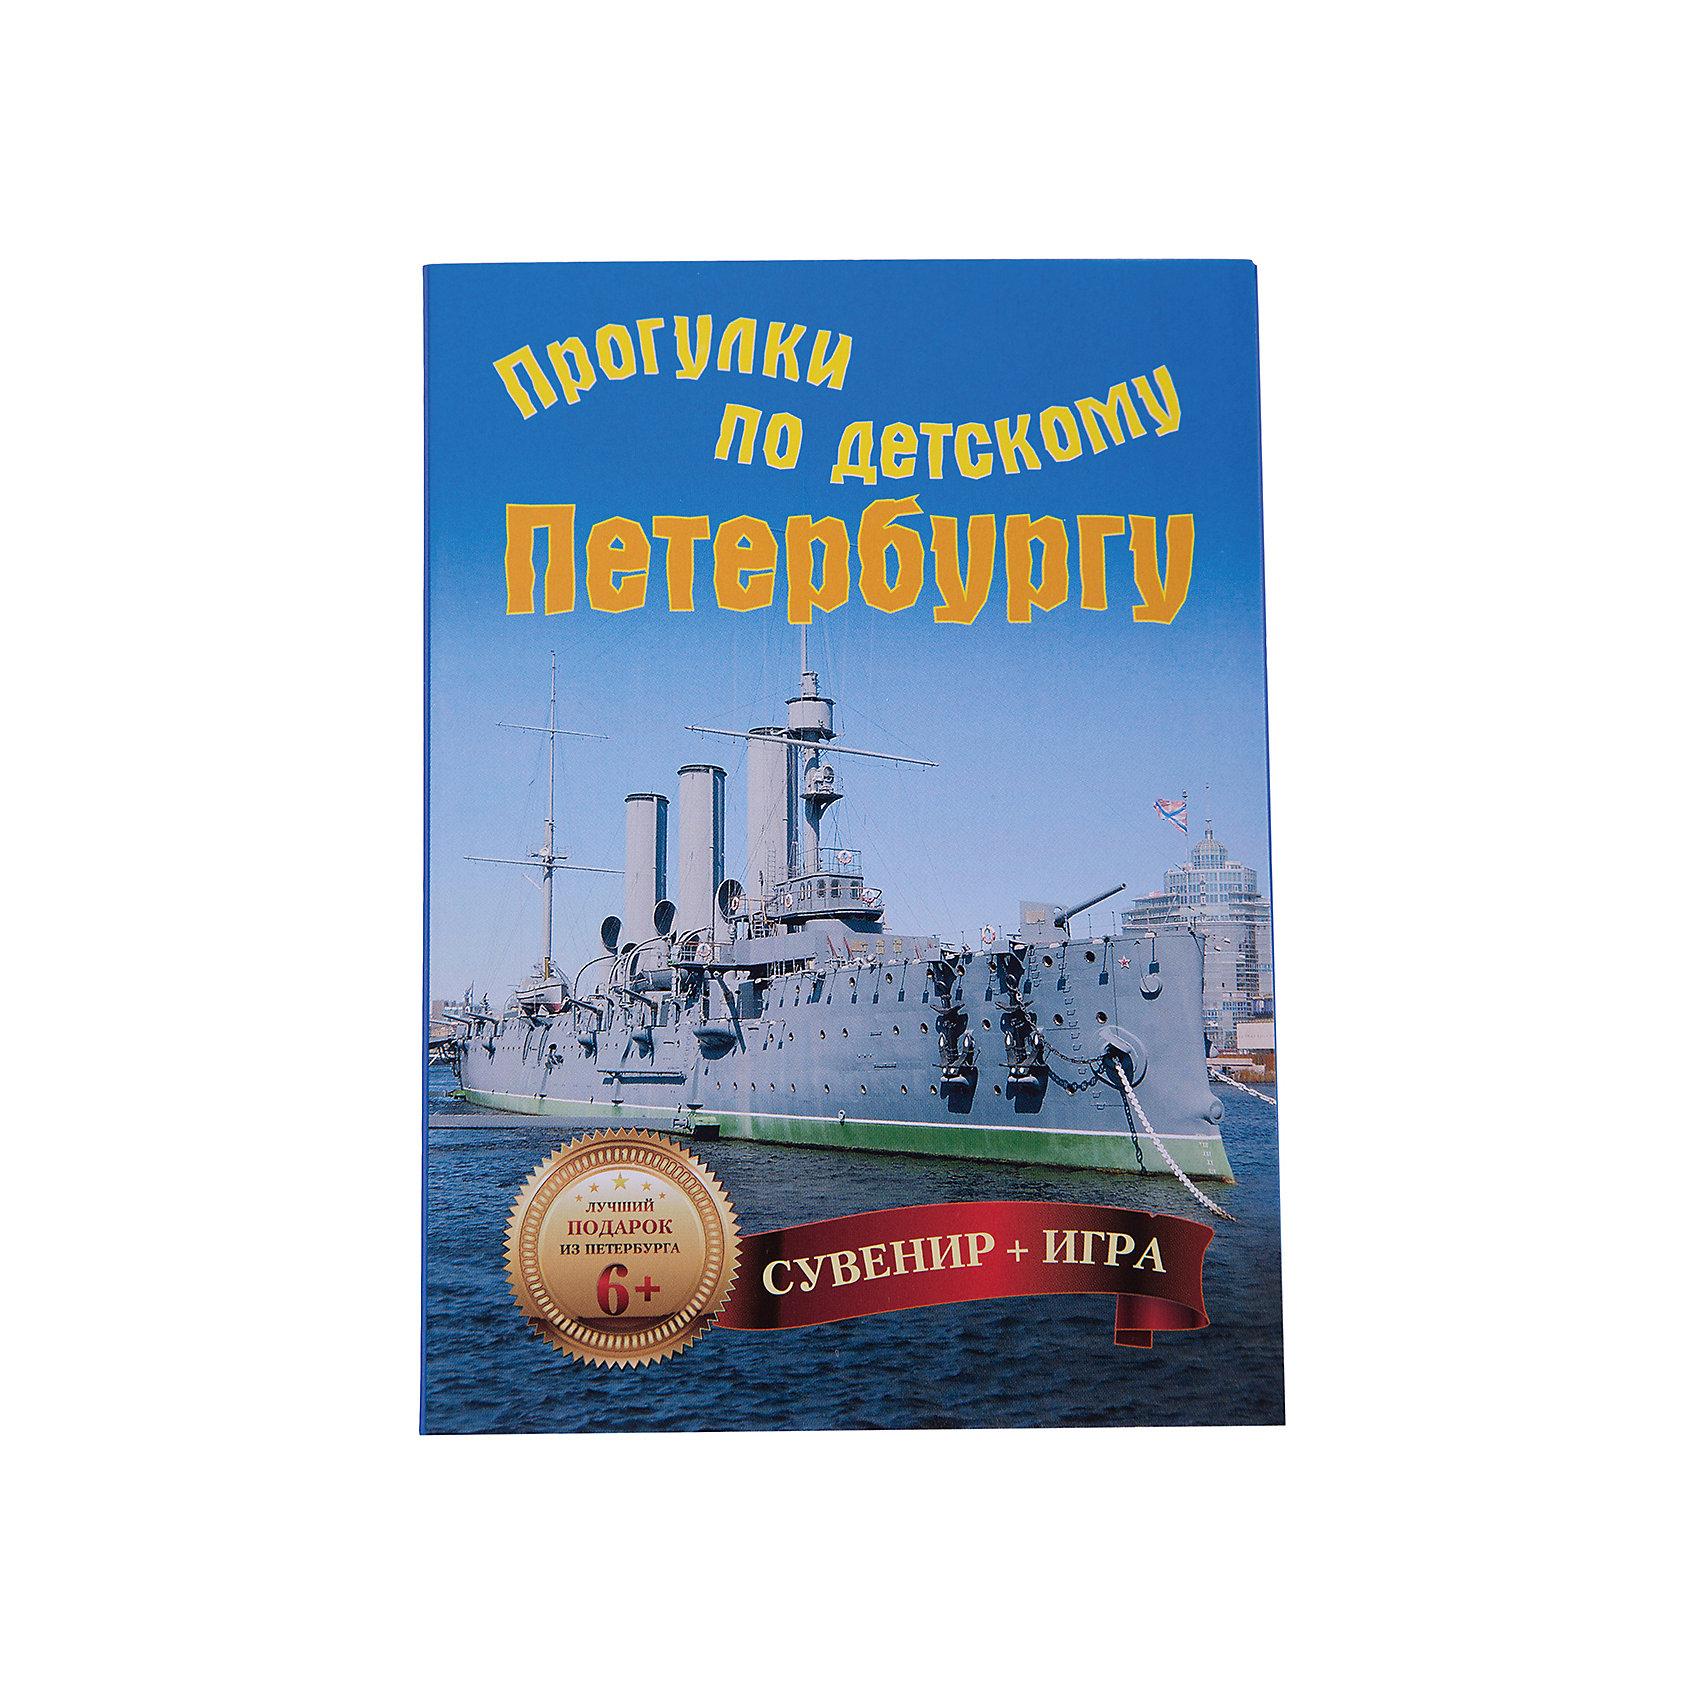 ПИТЕР Прогулки по детскому Петербургу (29 карточек) книги питер прогулки по детскому петербургу 6